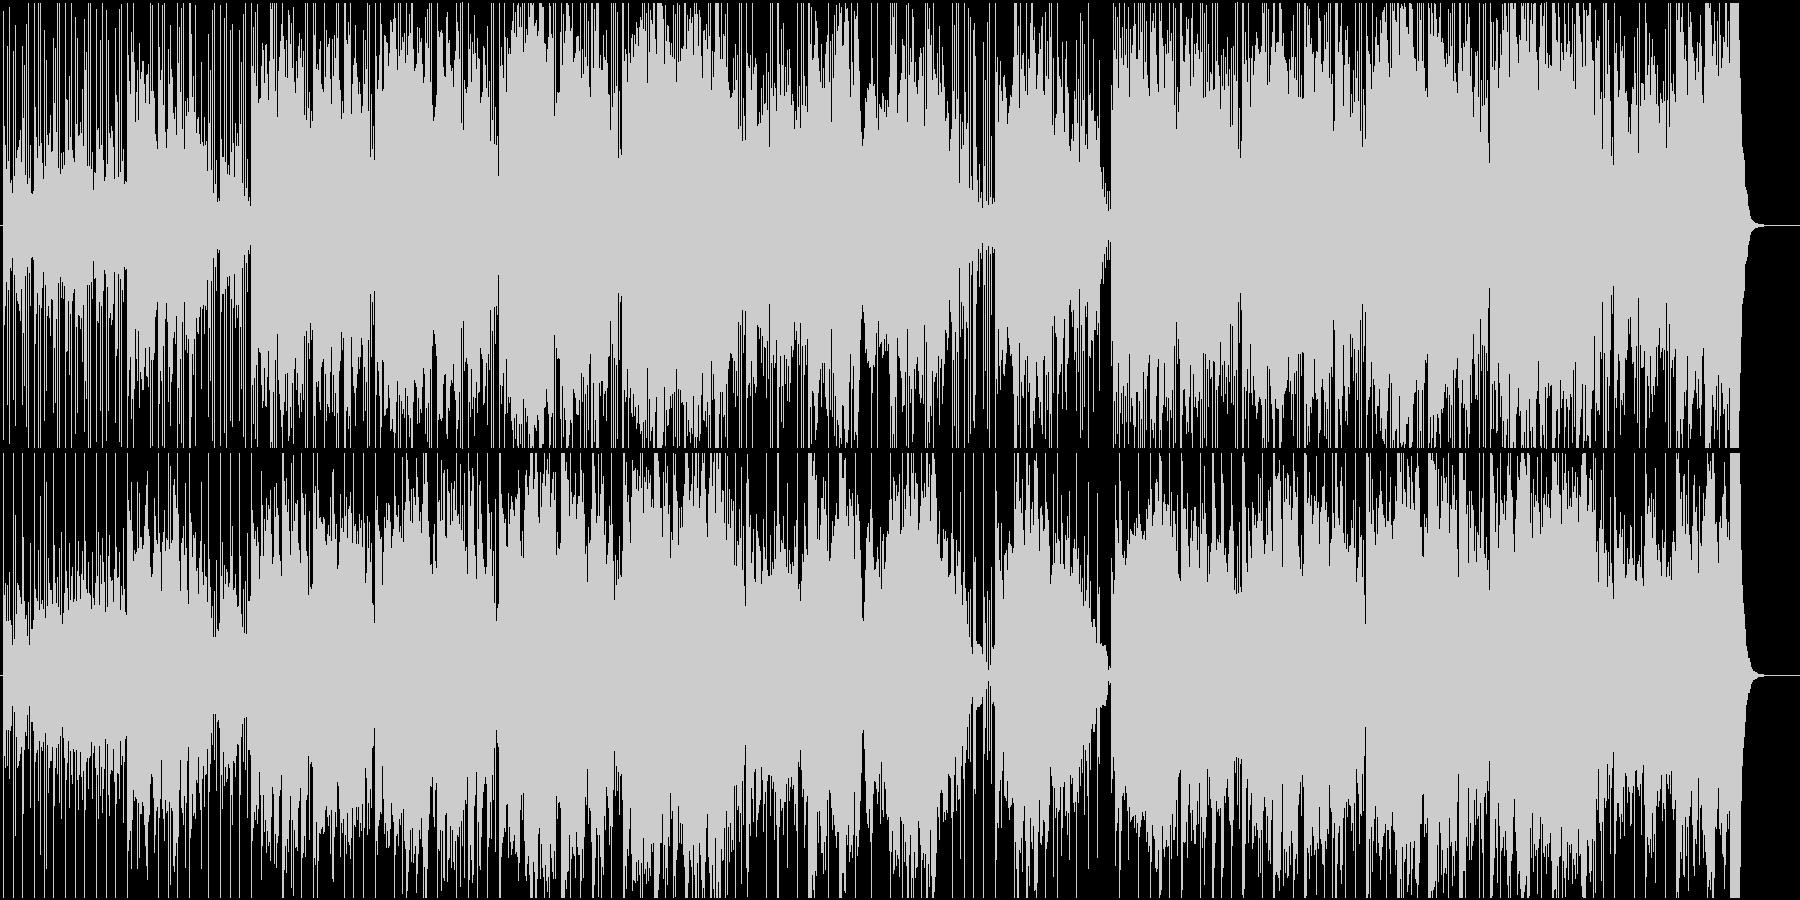 シリアスで緊張感のある曲の未再生の波形